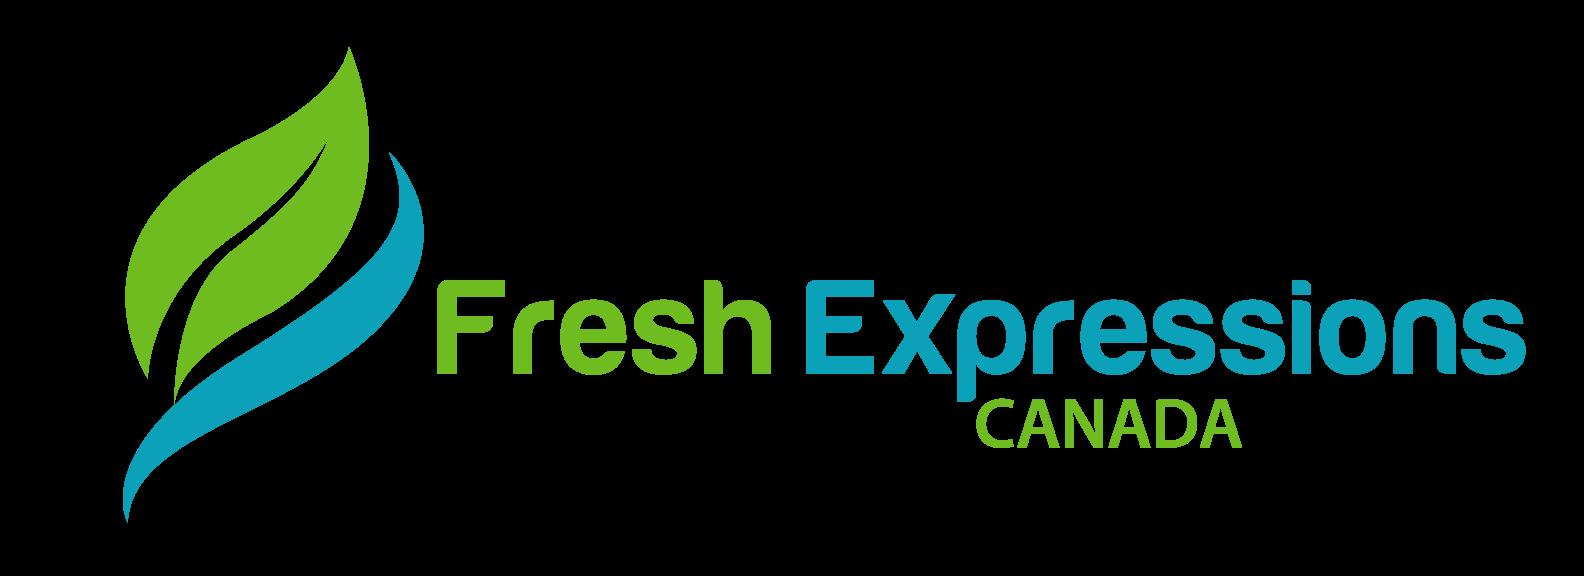 Fresh Expressions Canada